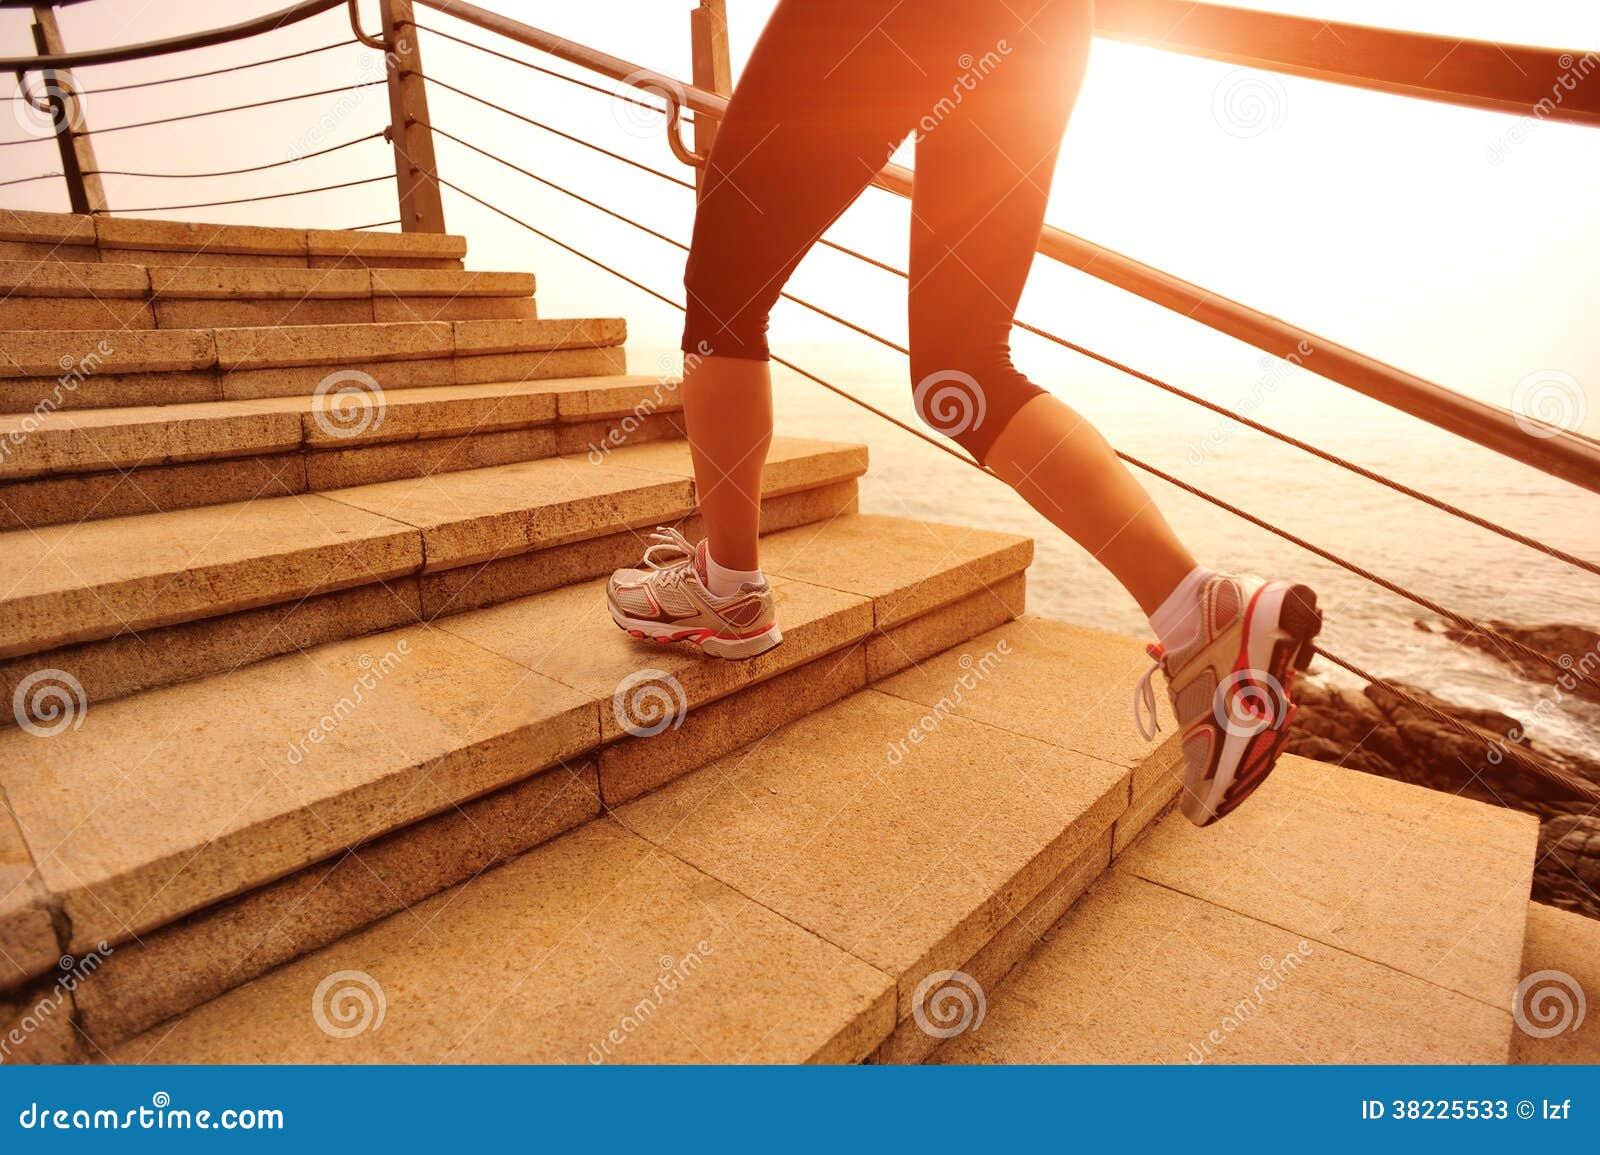 Zdrowy styl życia kobiety bieg na kamiennych schodkach